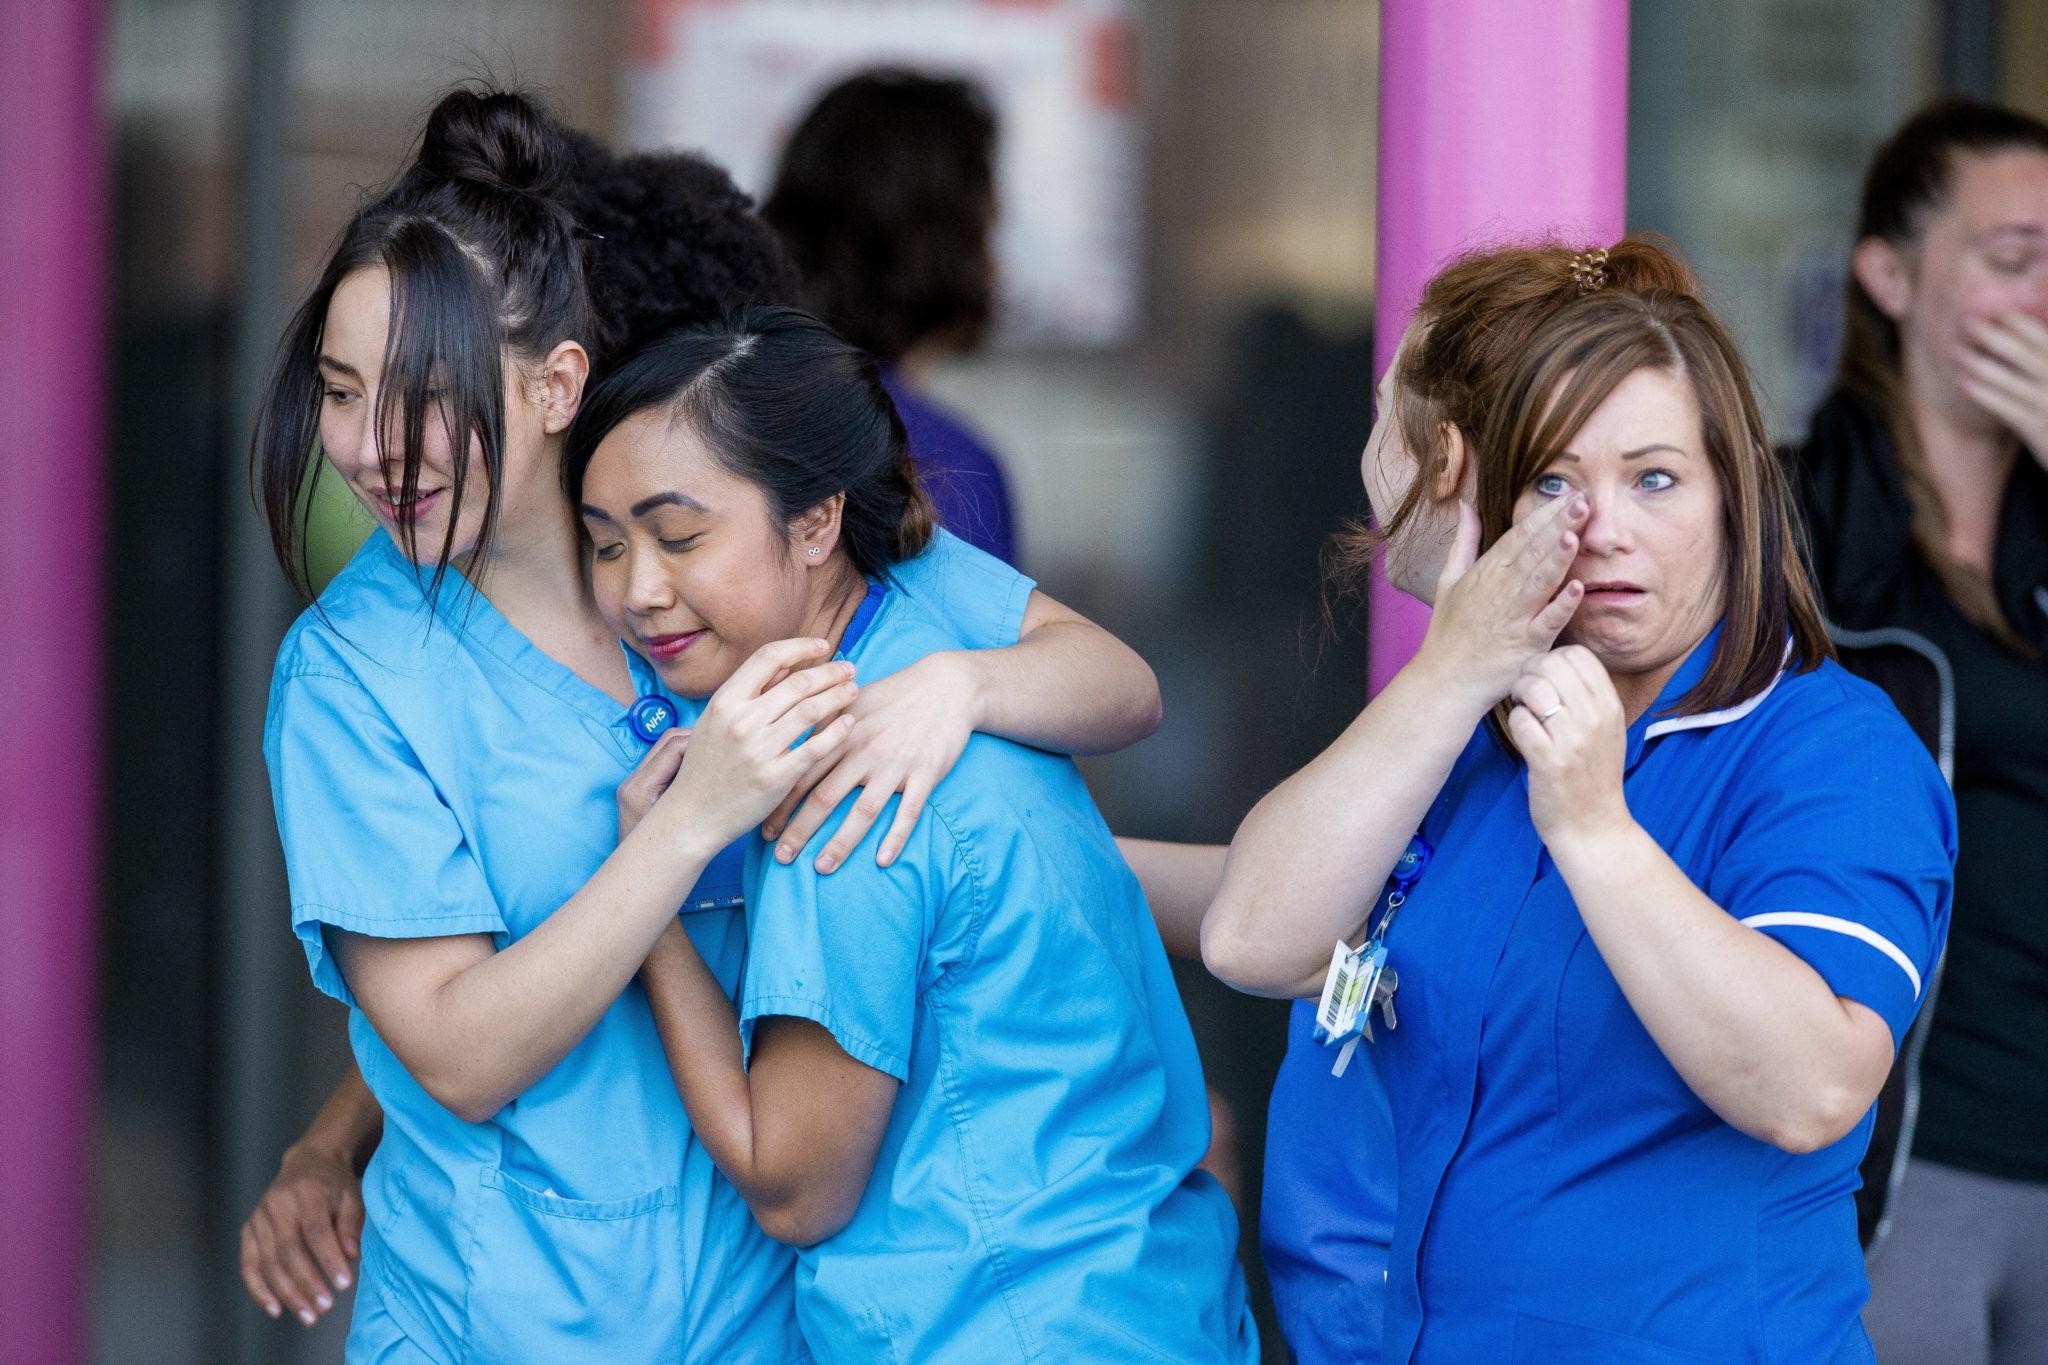 """Pracownicy brytyjskiej Narodowej Służby Zdrowia (NHS) otrzymują oklaski podczas kampanii """"Oklaski naszych Opiekunów"""", fot. EPA/PETER POWELL"""